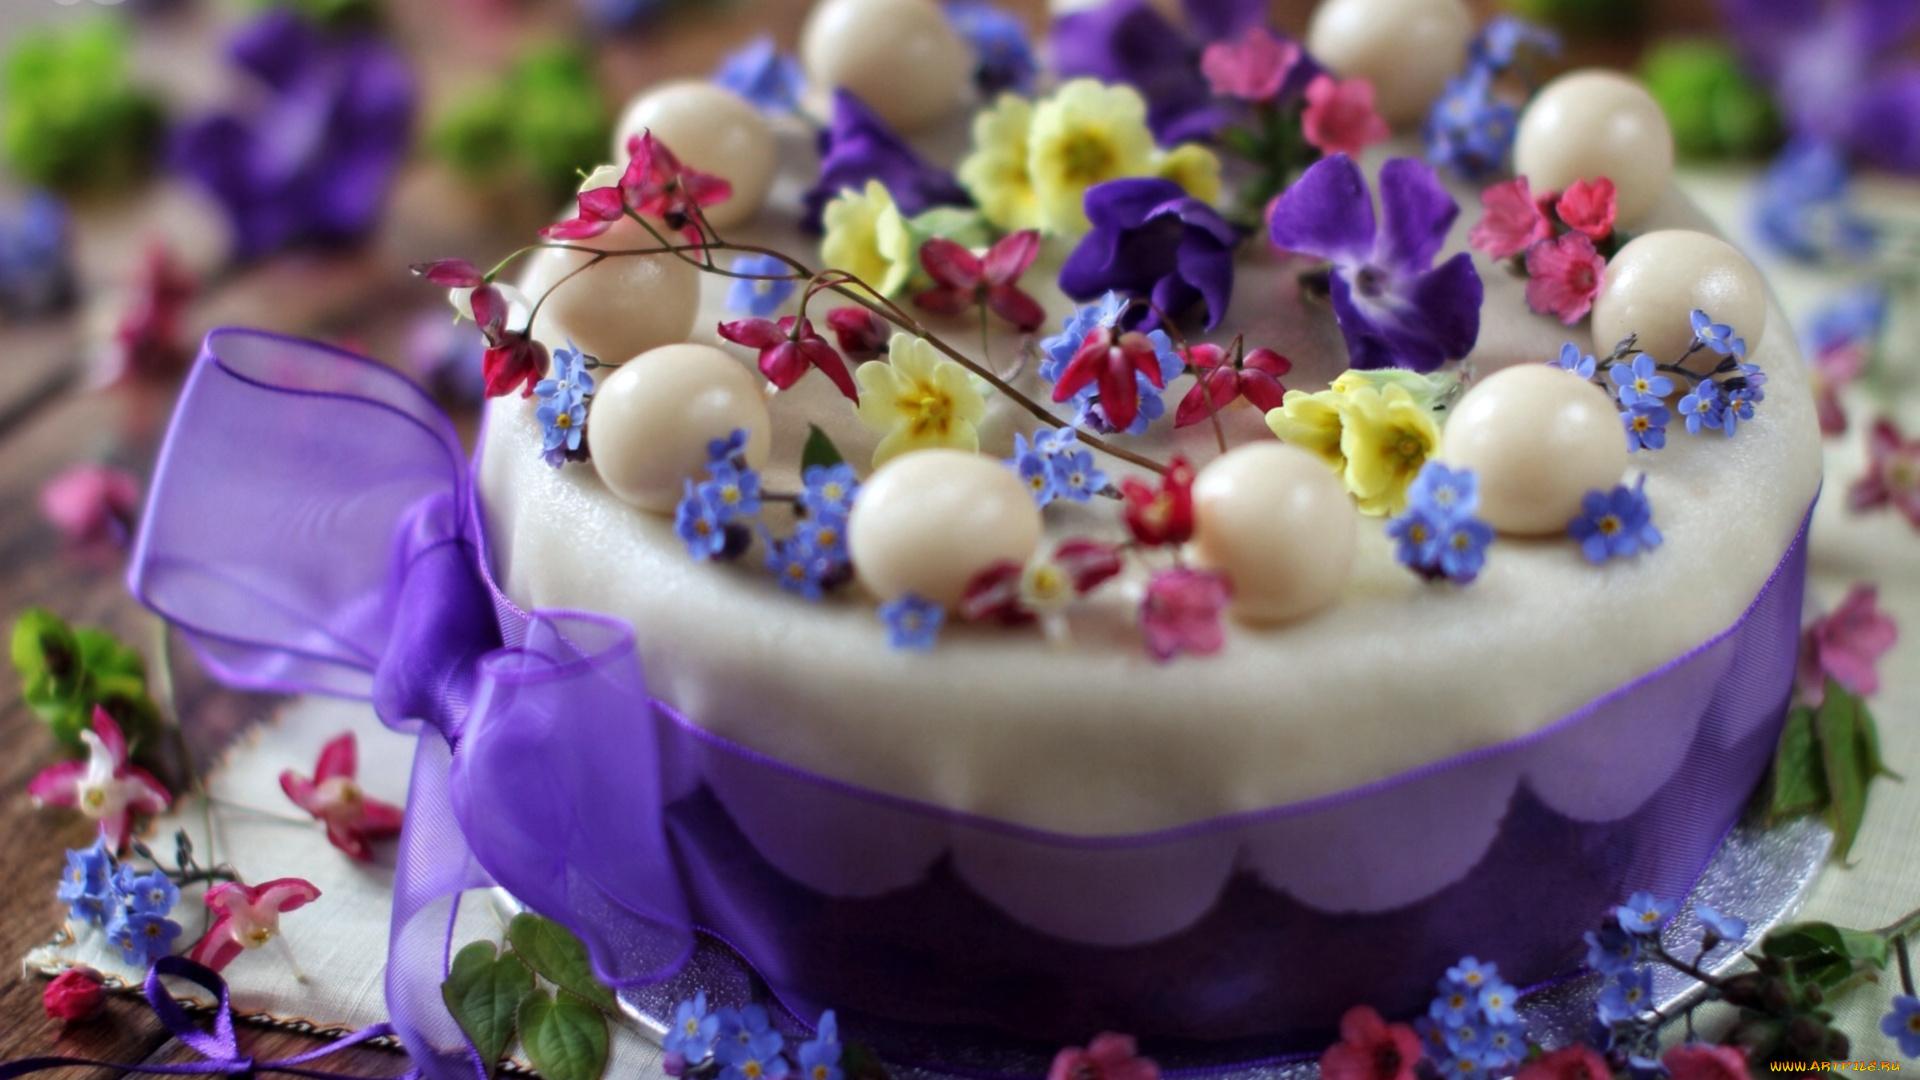 с днем рождения картинка с цветами или тортом чат телеграмм умолчанию